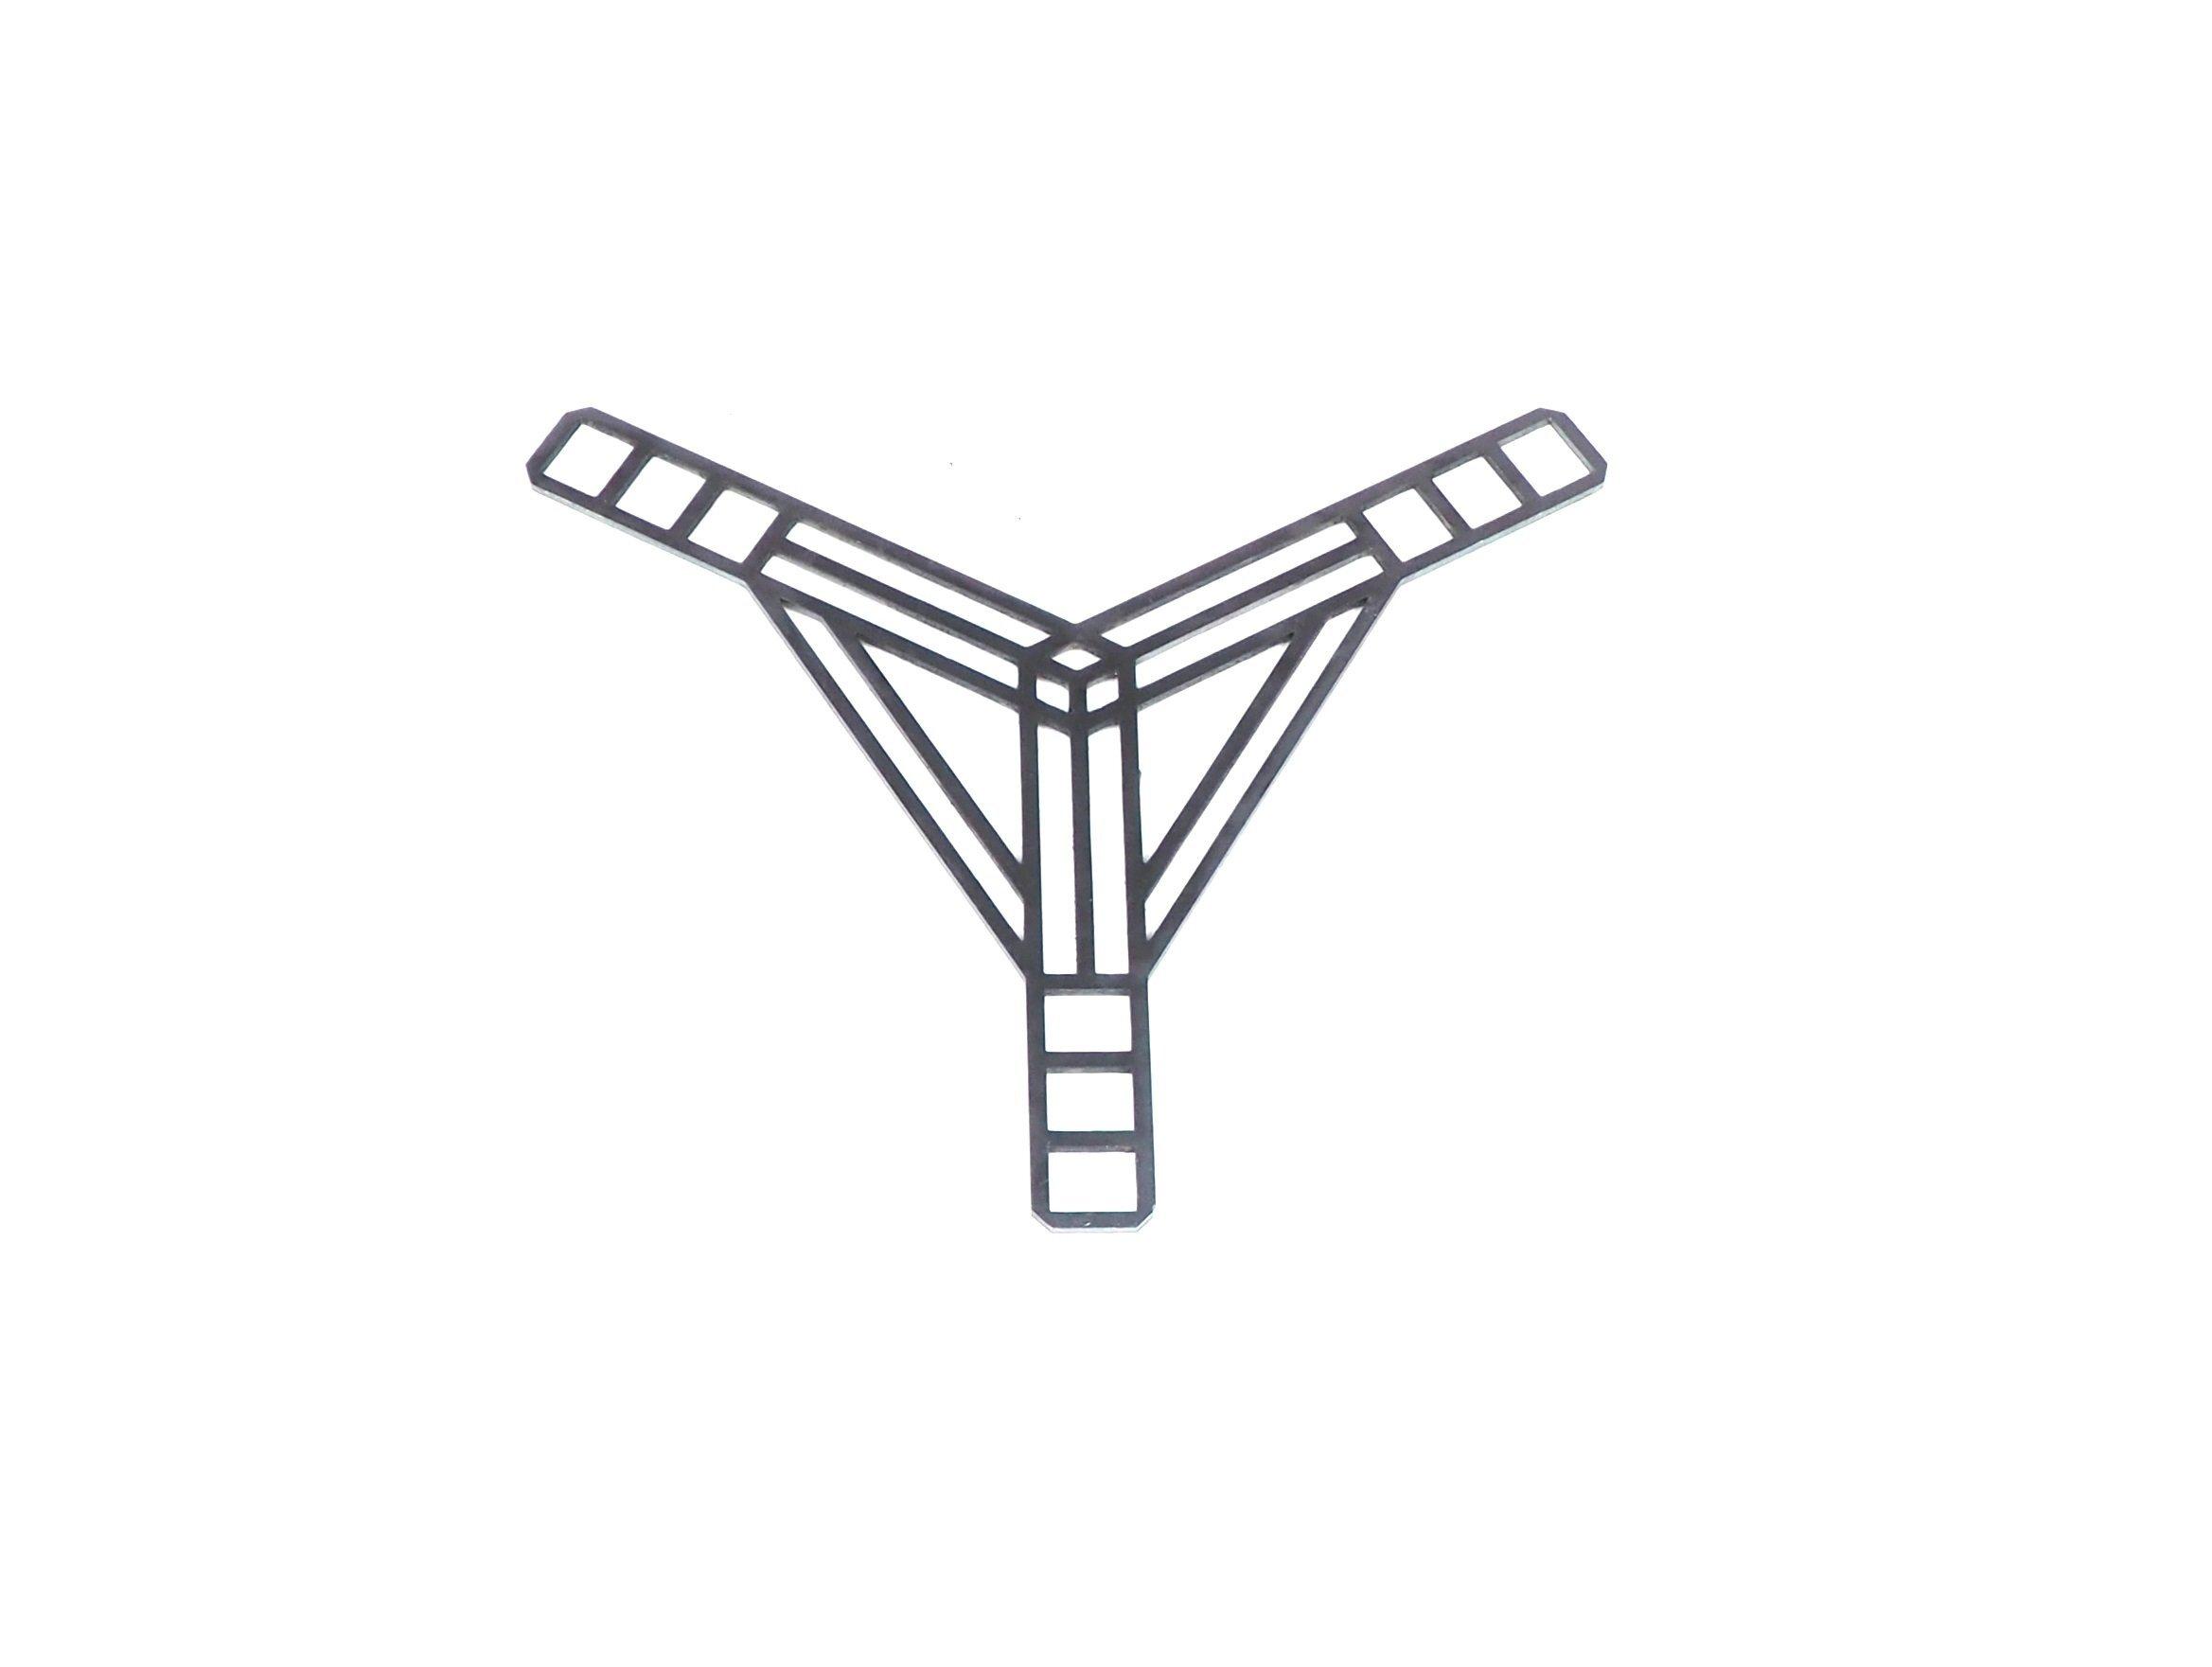 Top Table Triangle S トップテーブル トライアングル Sサイズ / MITARI WORKS ミタリワークス